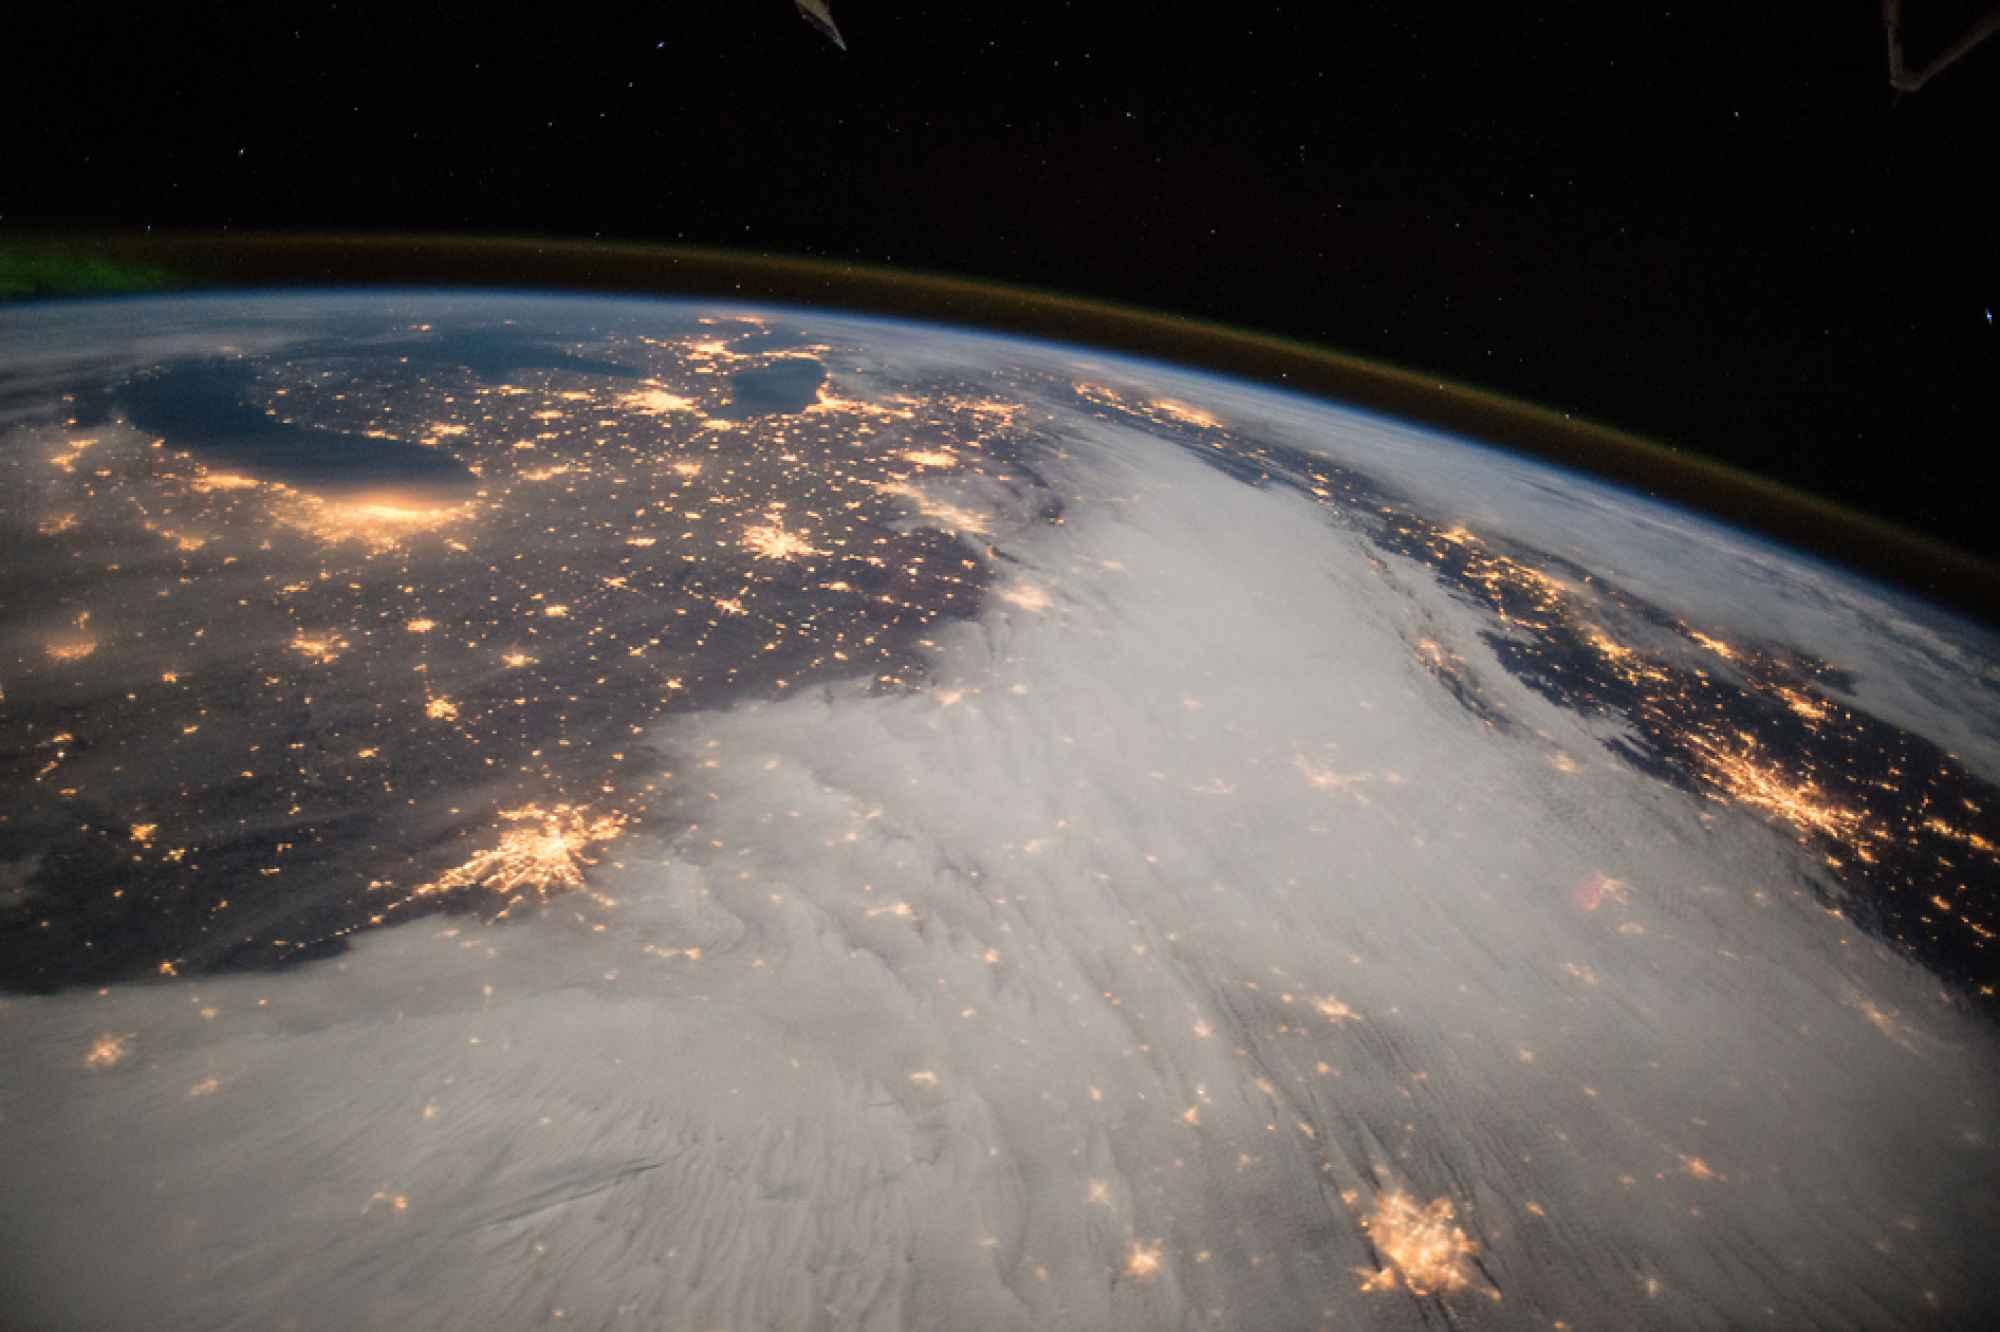 زیباترین عکس های فضایی جهان